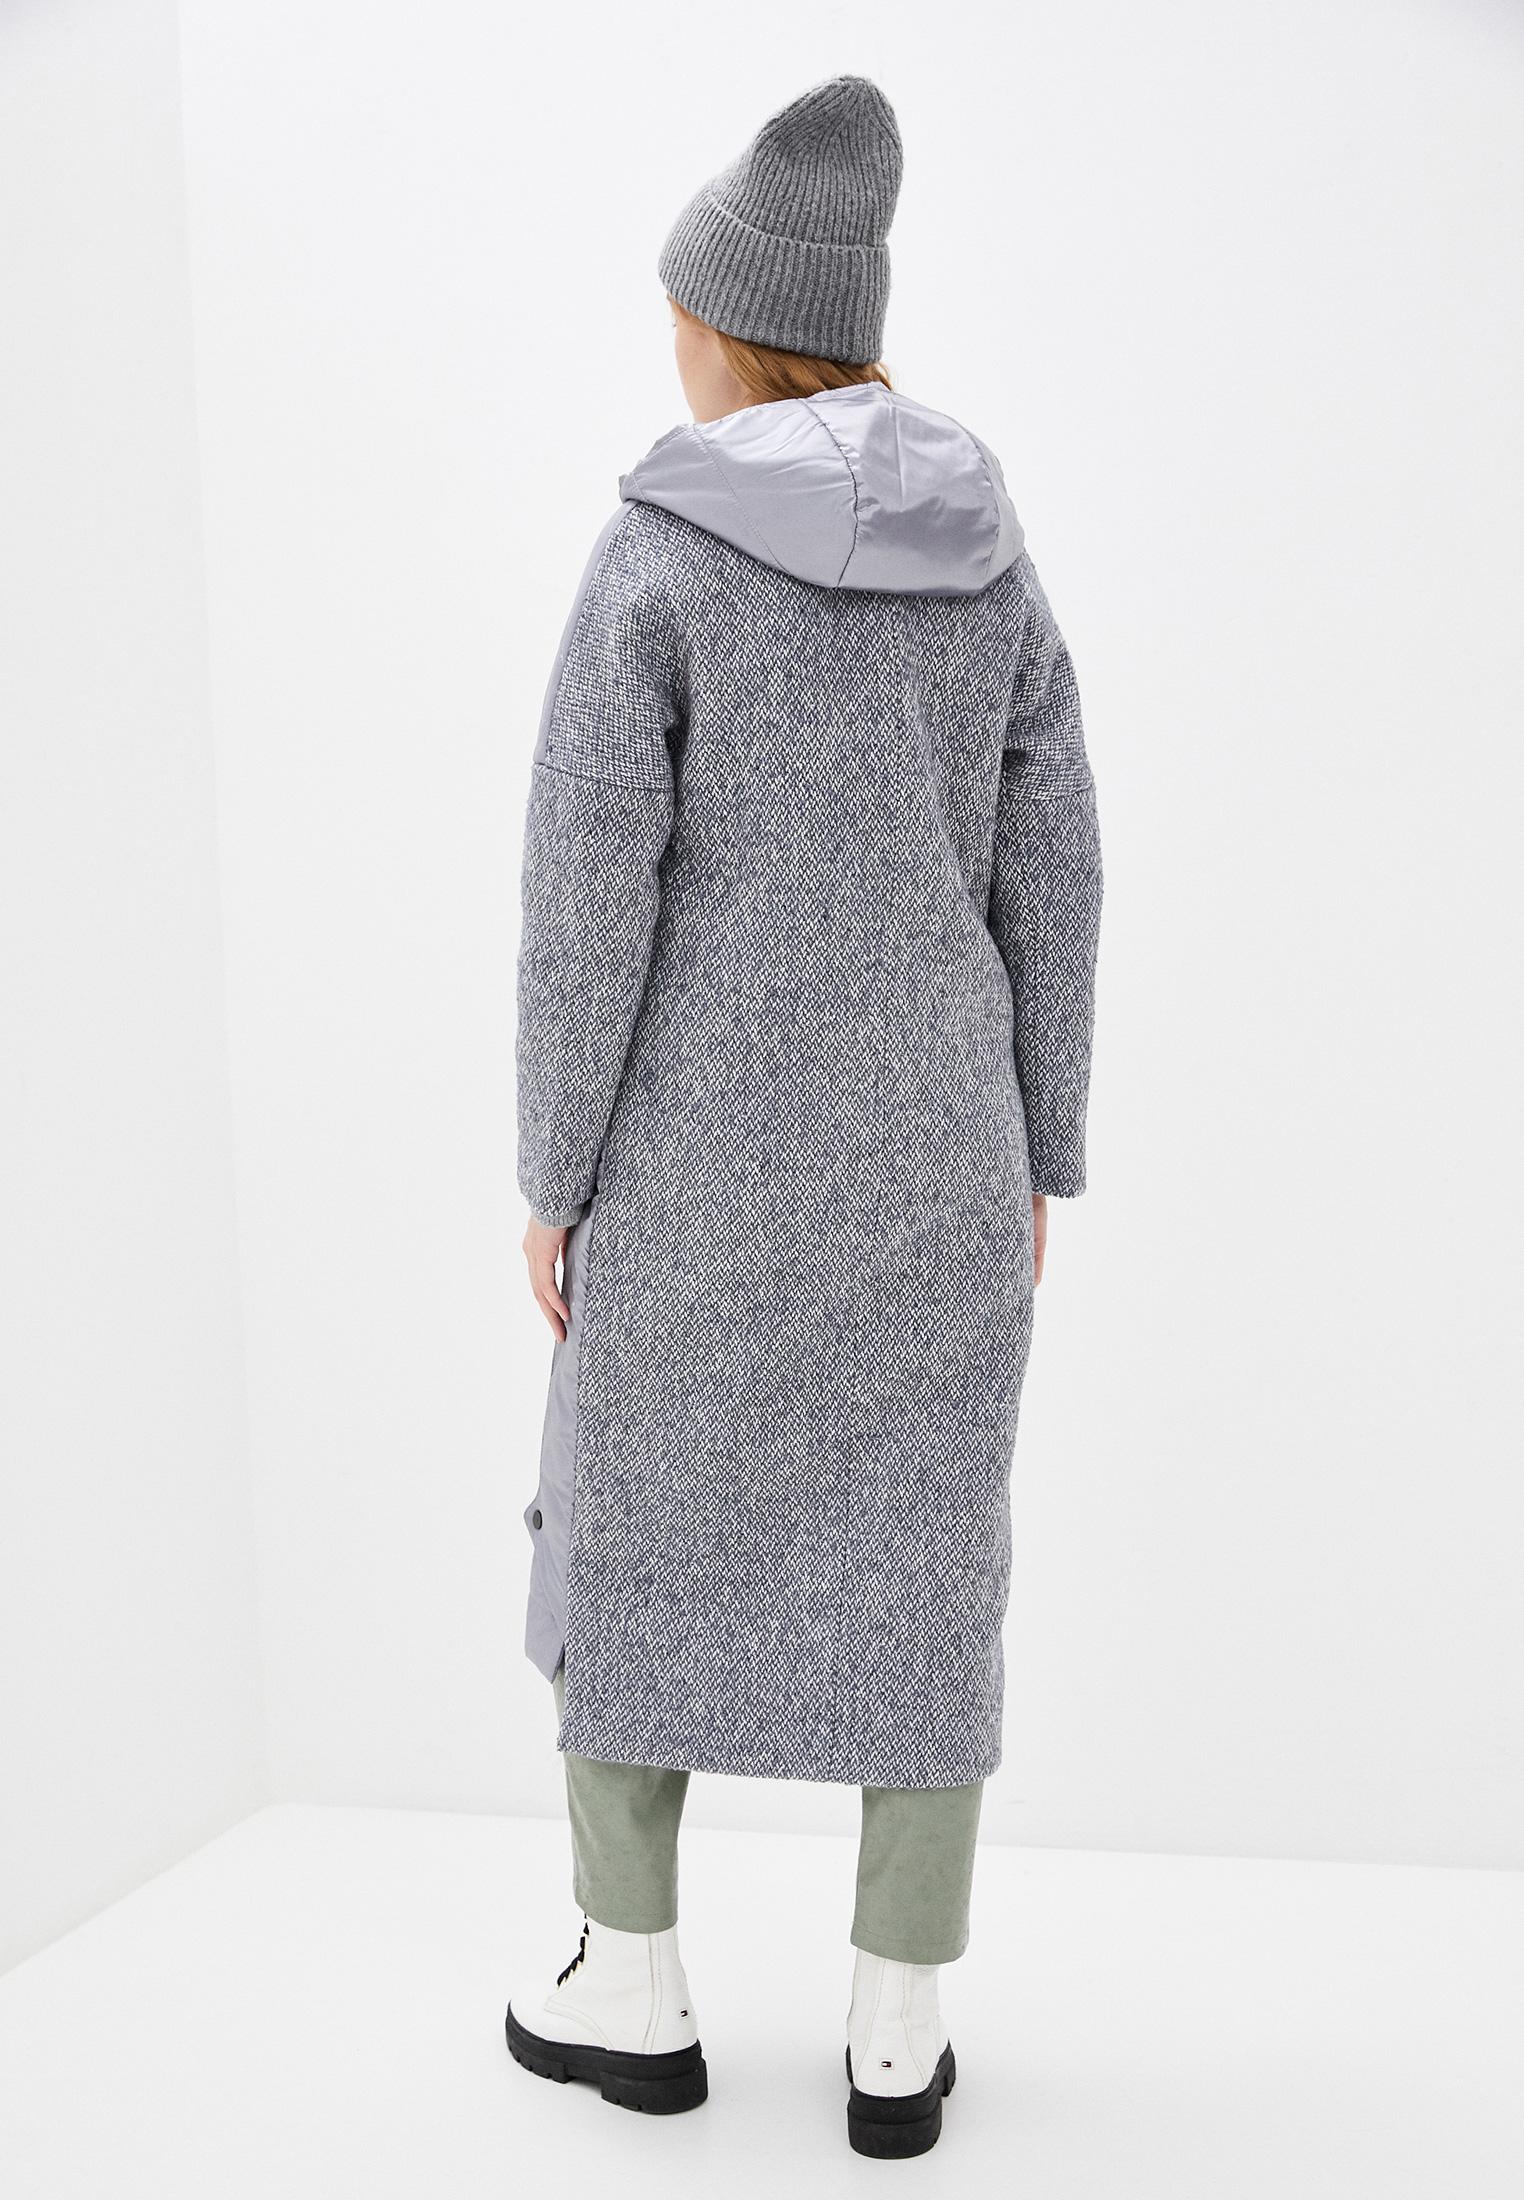 Утепленная куртка Nataliy Beate Пальто мод.132: изображение 9